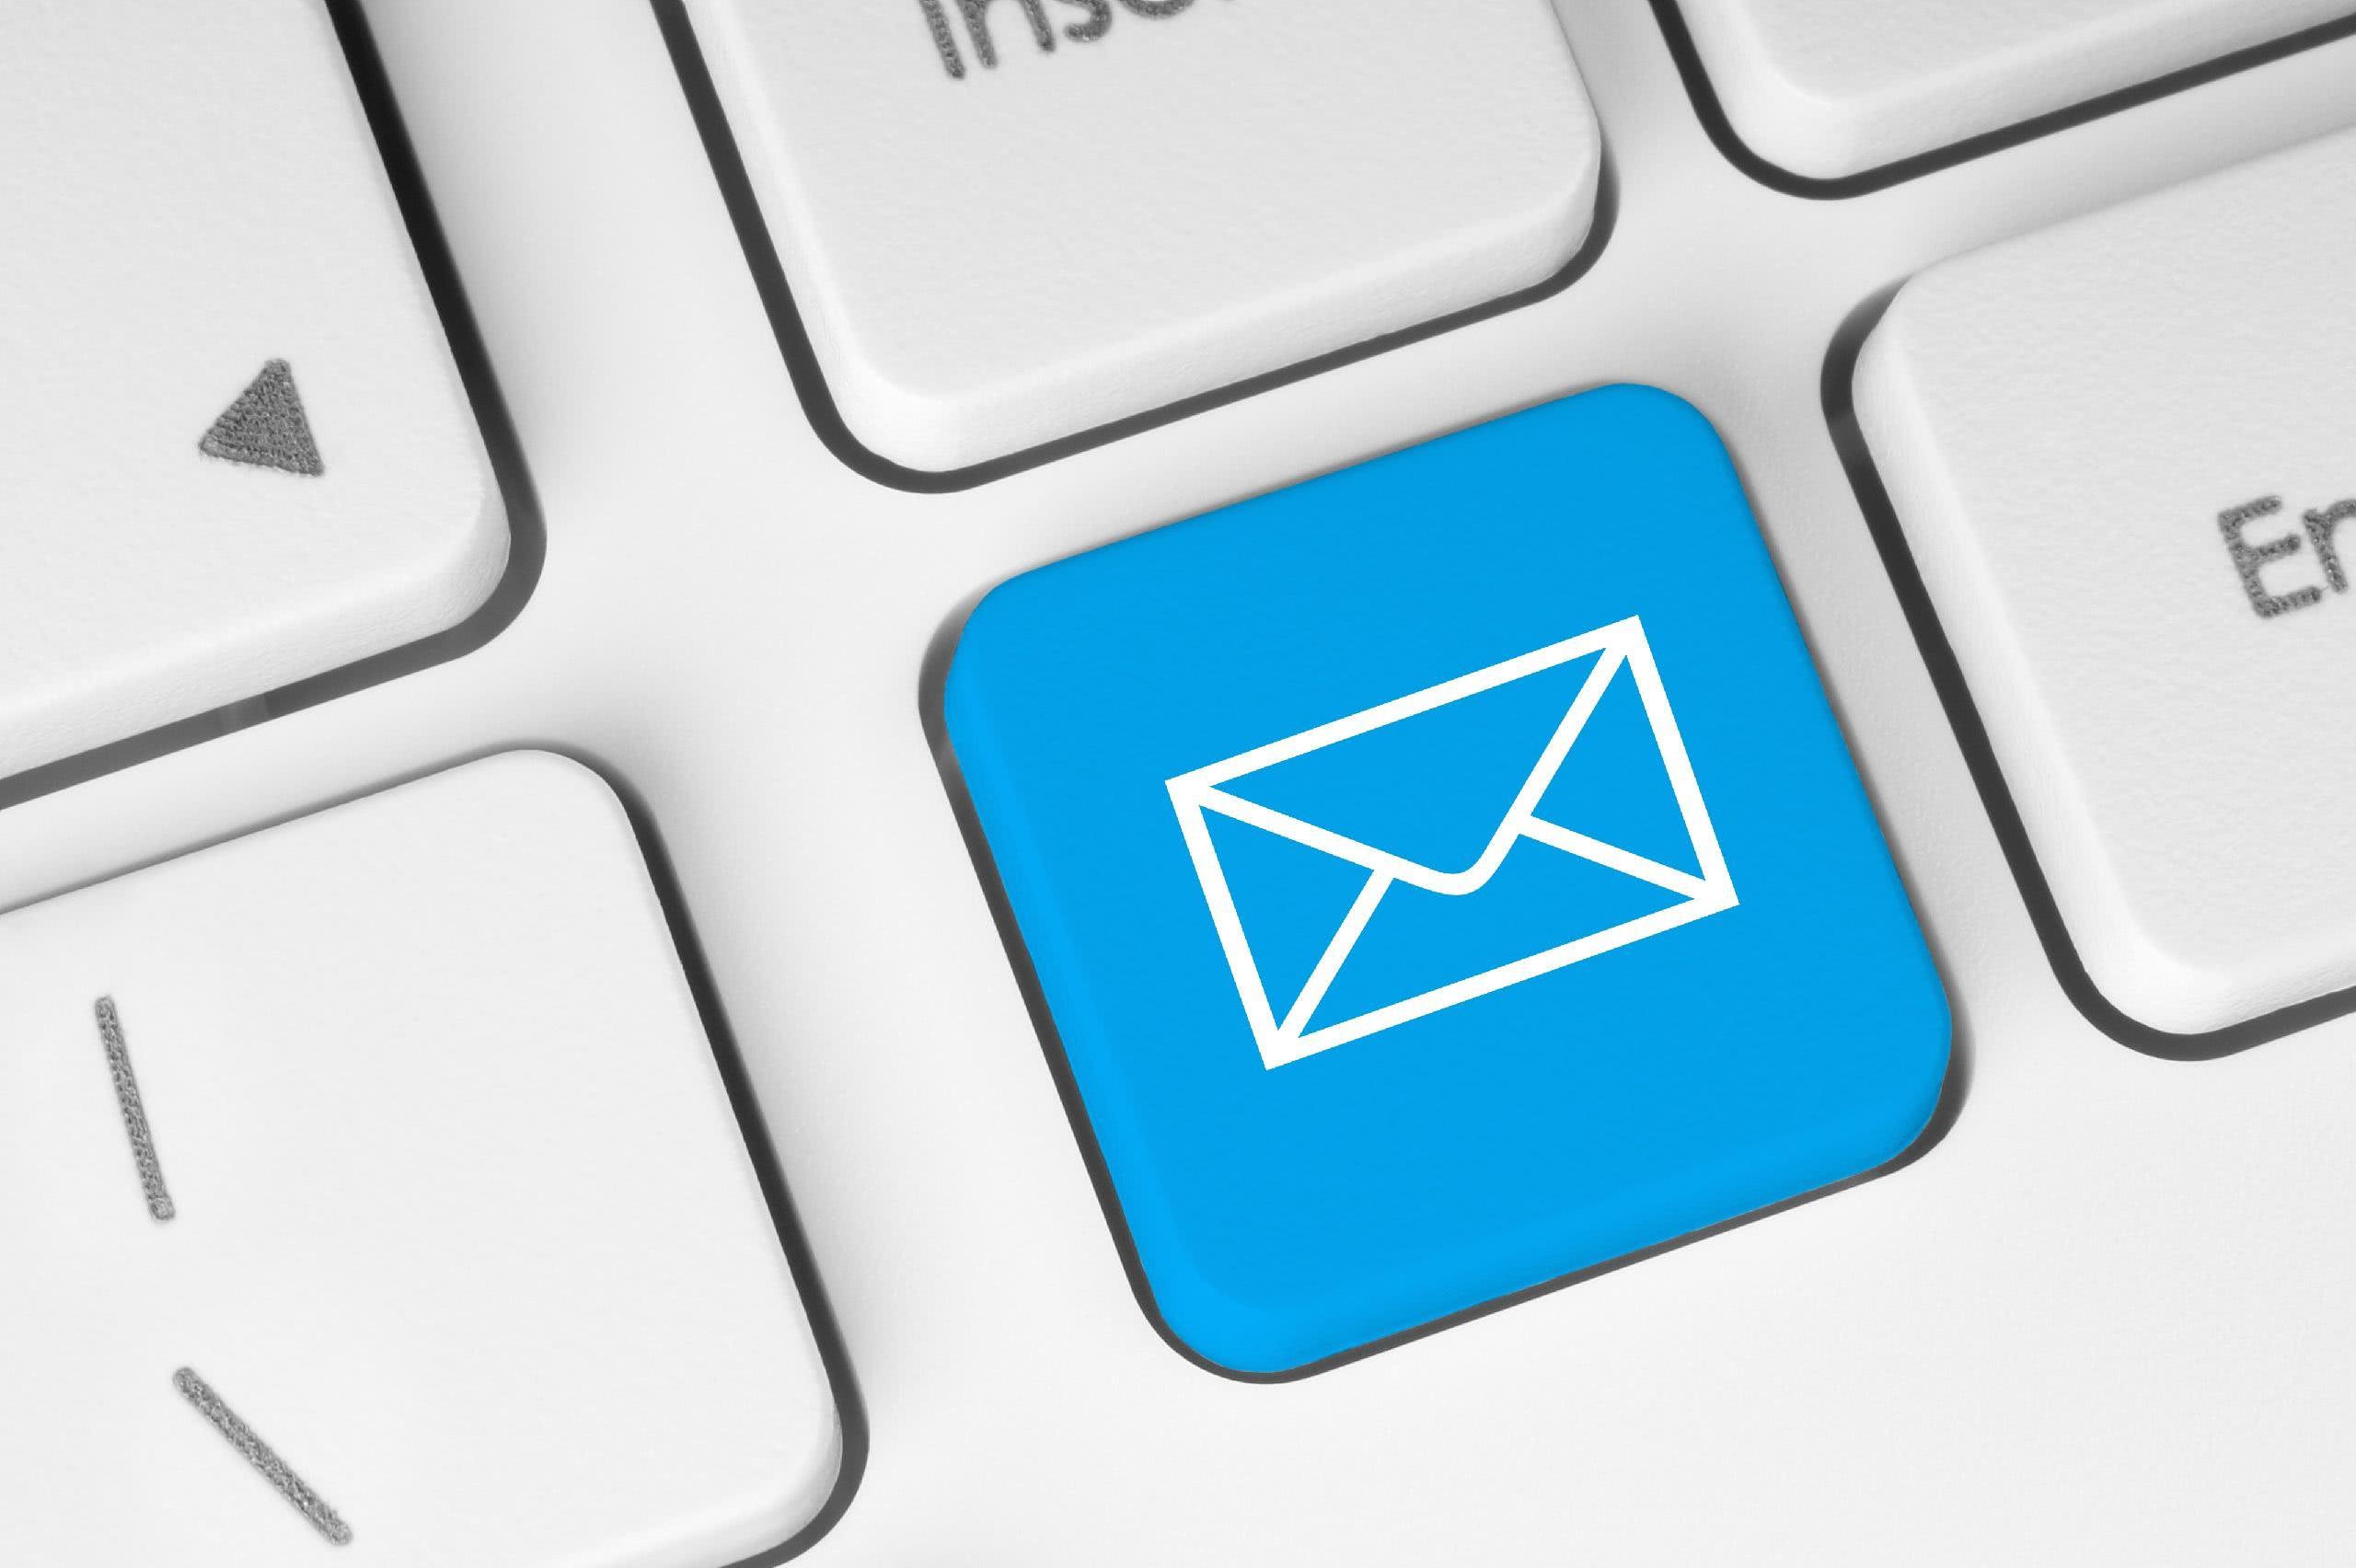 Dicas de como escrever um e-mail profissional